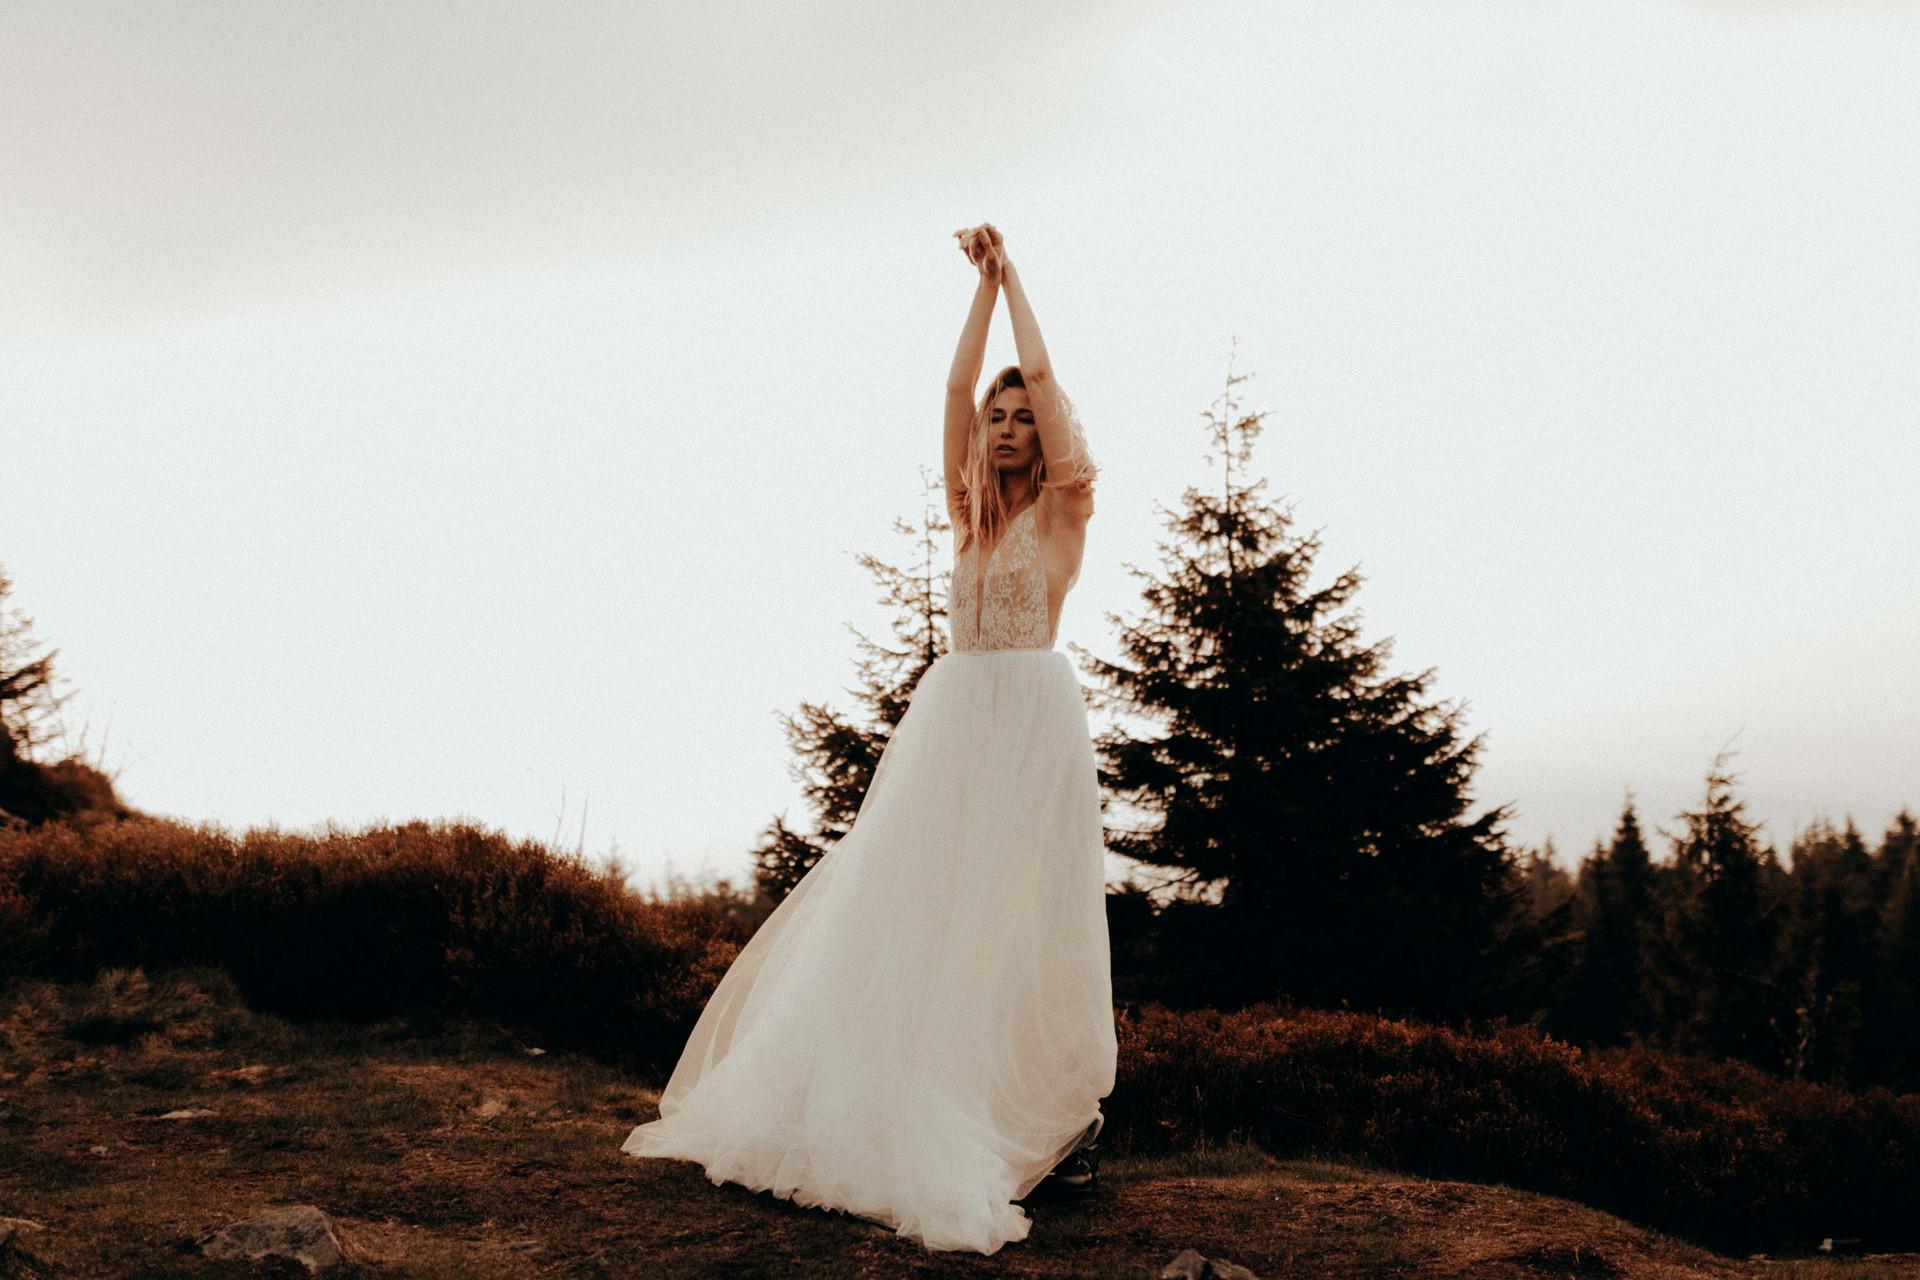 Harz-Brautkleid-Hochzeit-009.jpg